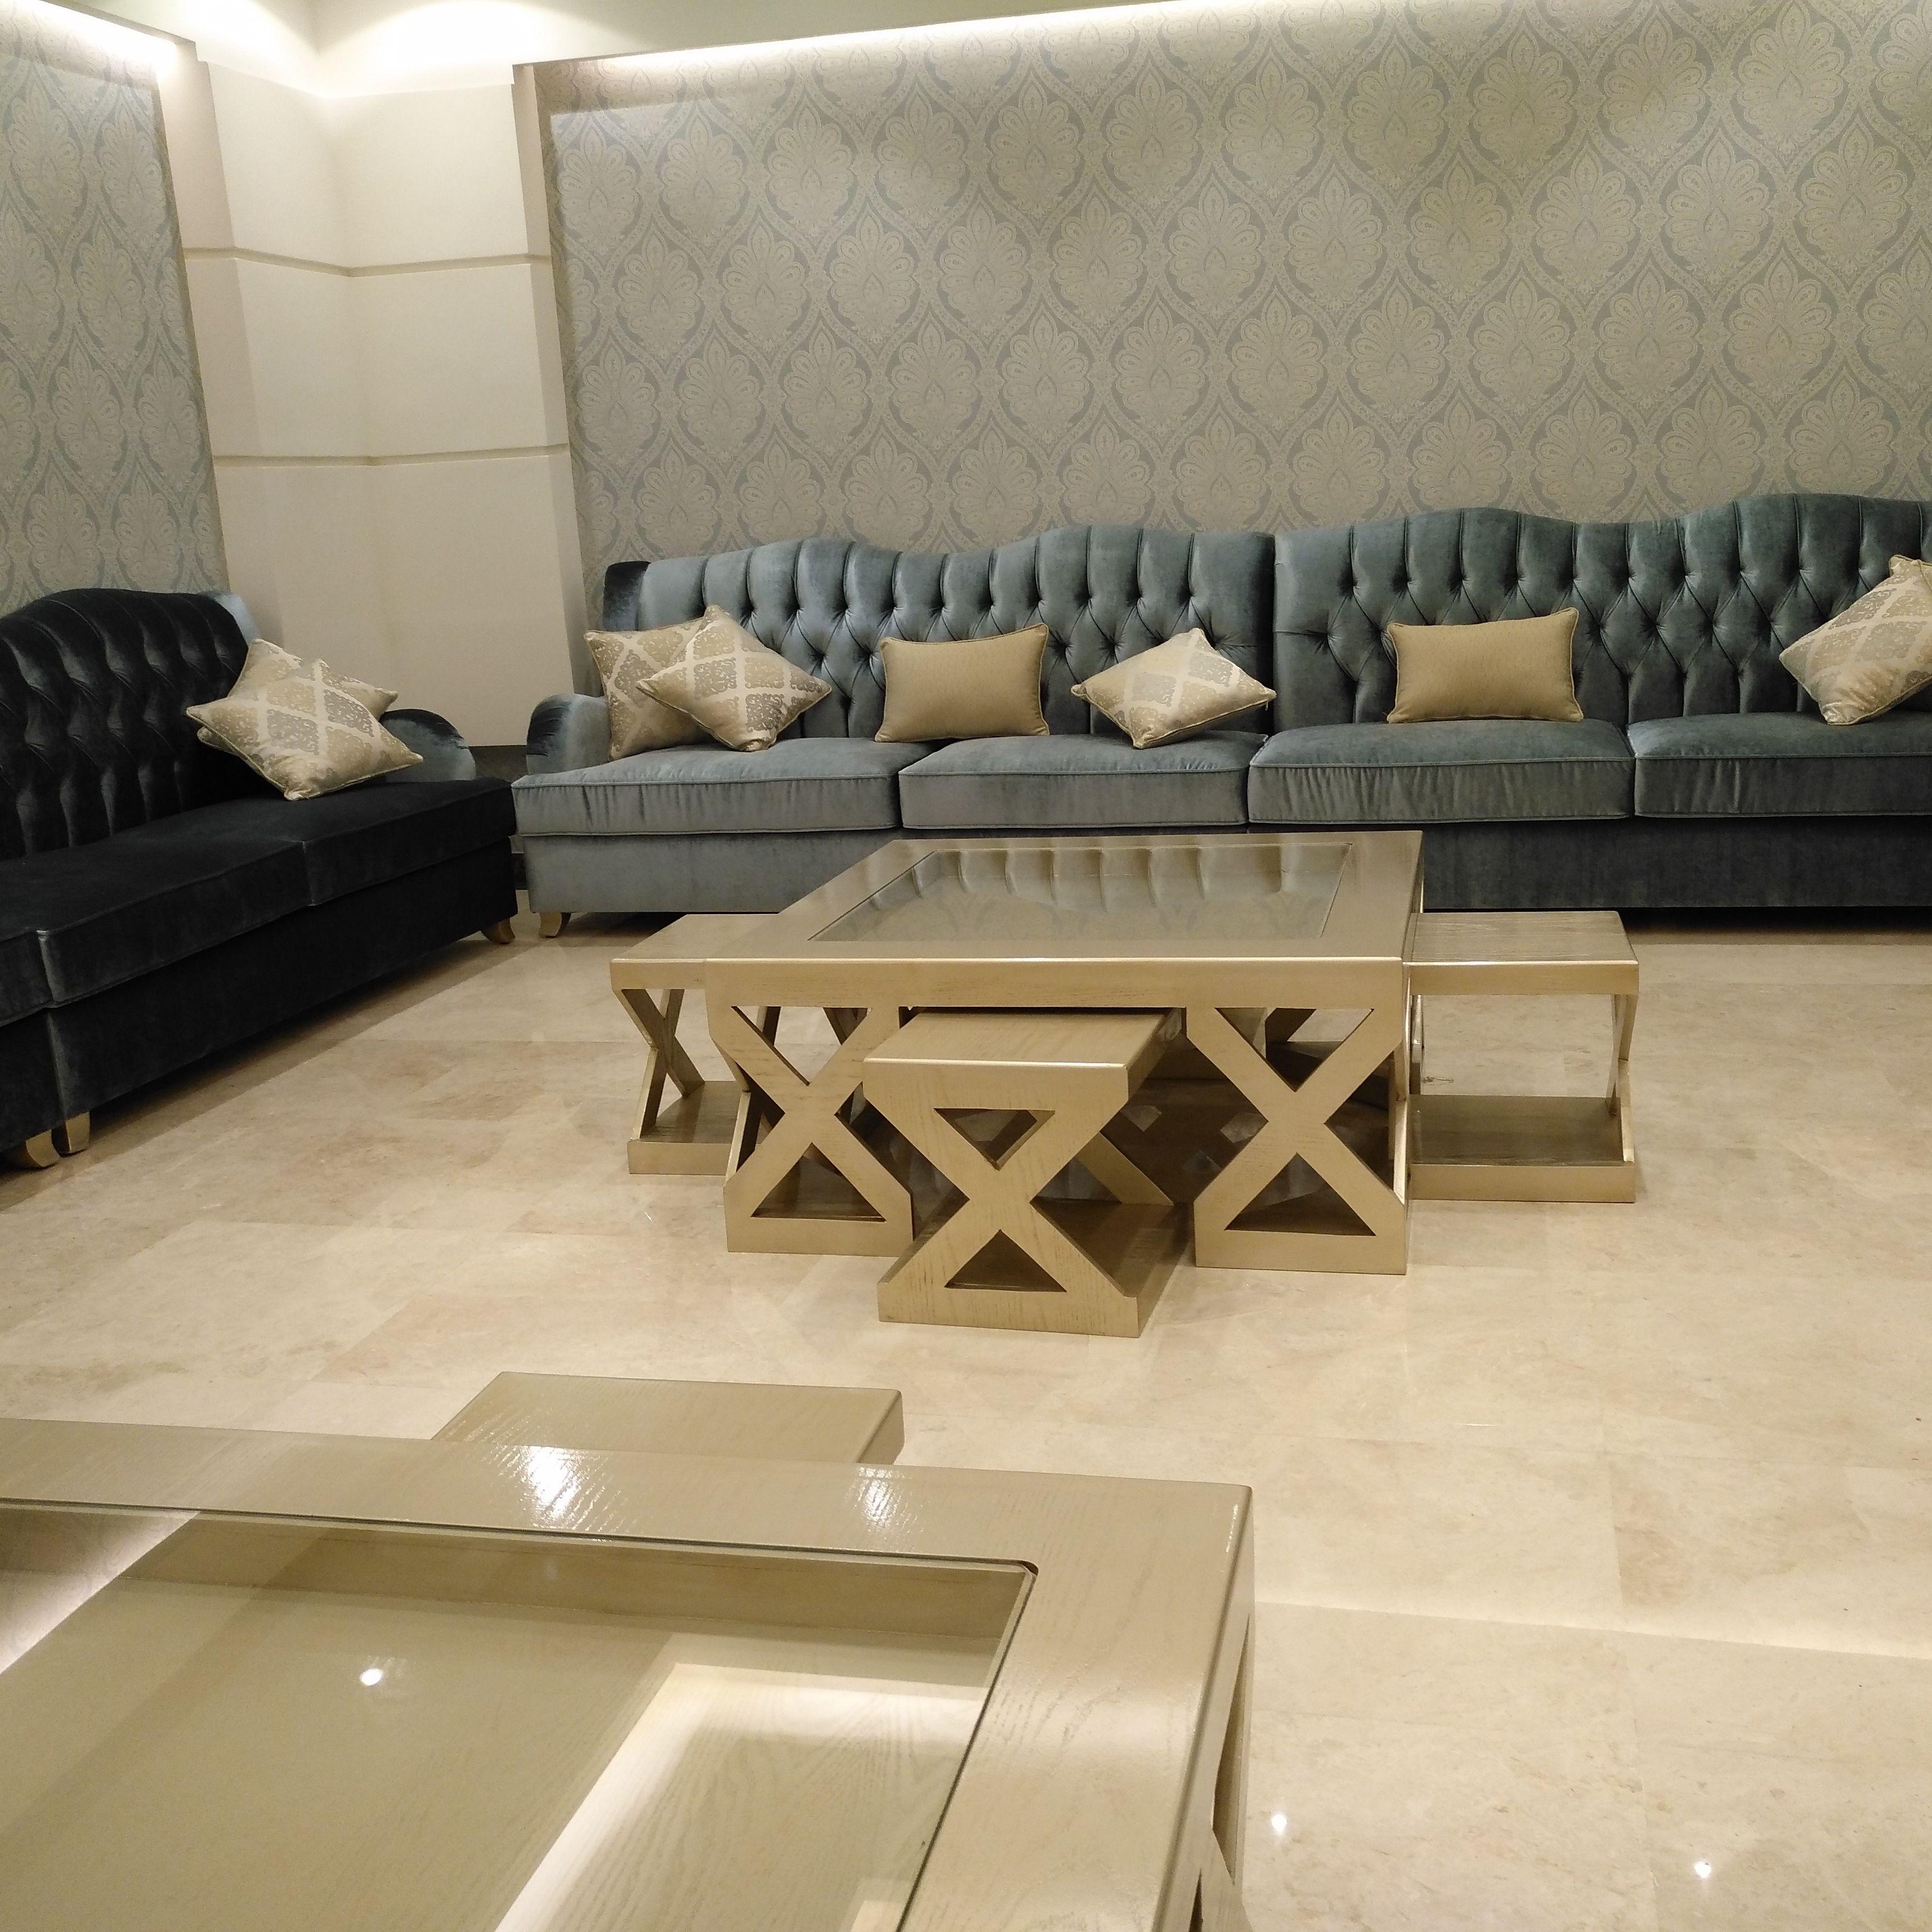 معلومات عن الاإعلان تفصيل حسب الطلب مجالس امريكي اطقم كلاسيكي للتواصل على الرقم 0536779667 Home Decor Sectional Couch Home